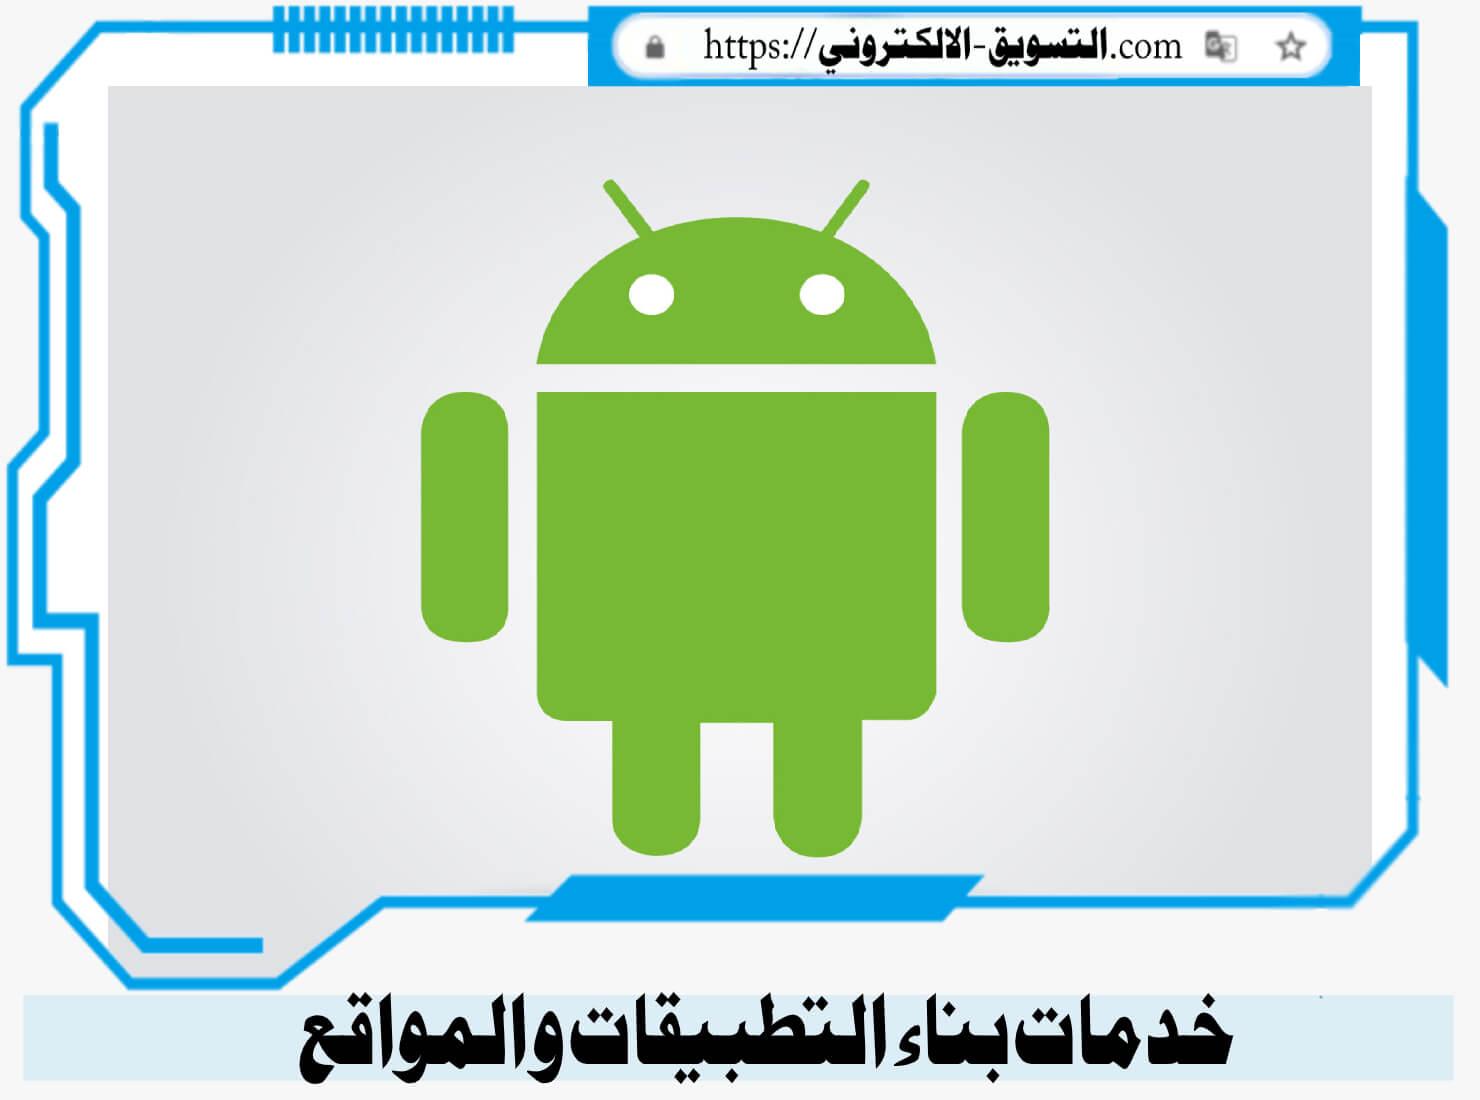 خدمات بناء التطبيقات الأندرويد والأد موب ورفعها علي جوجل بلاي ستور